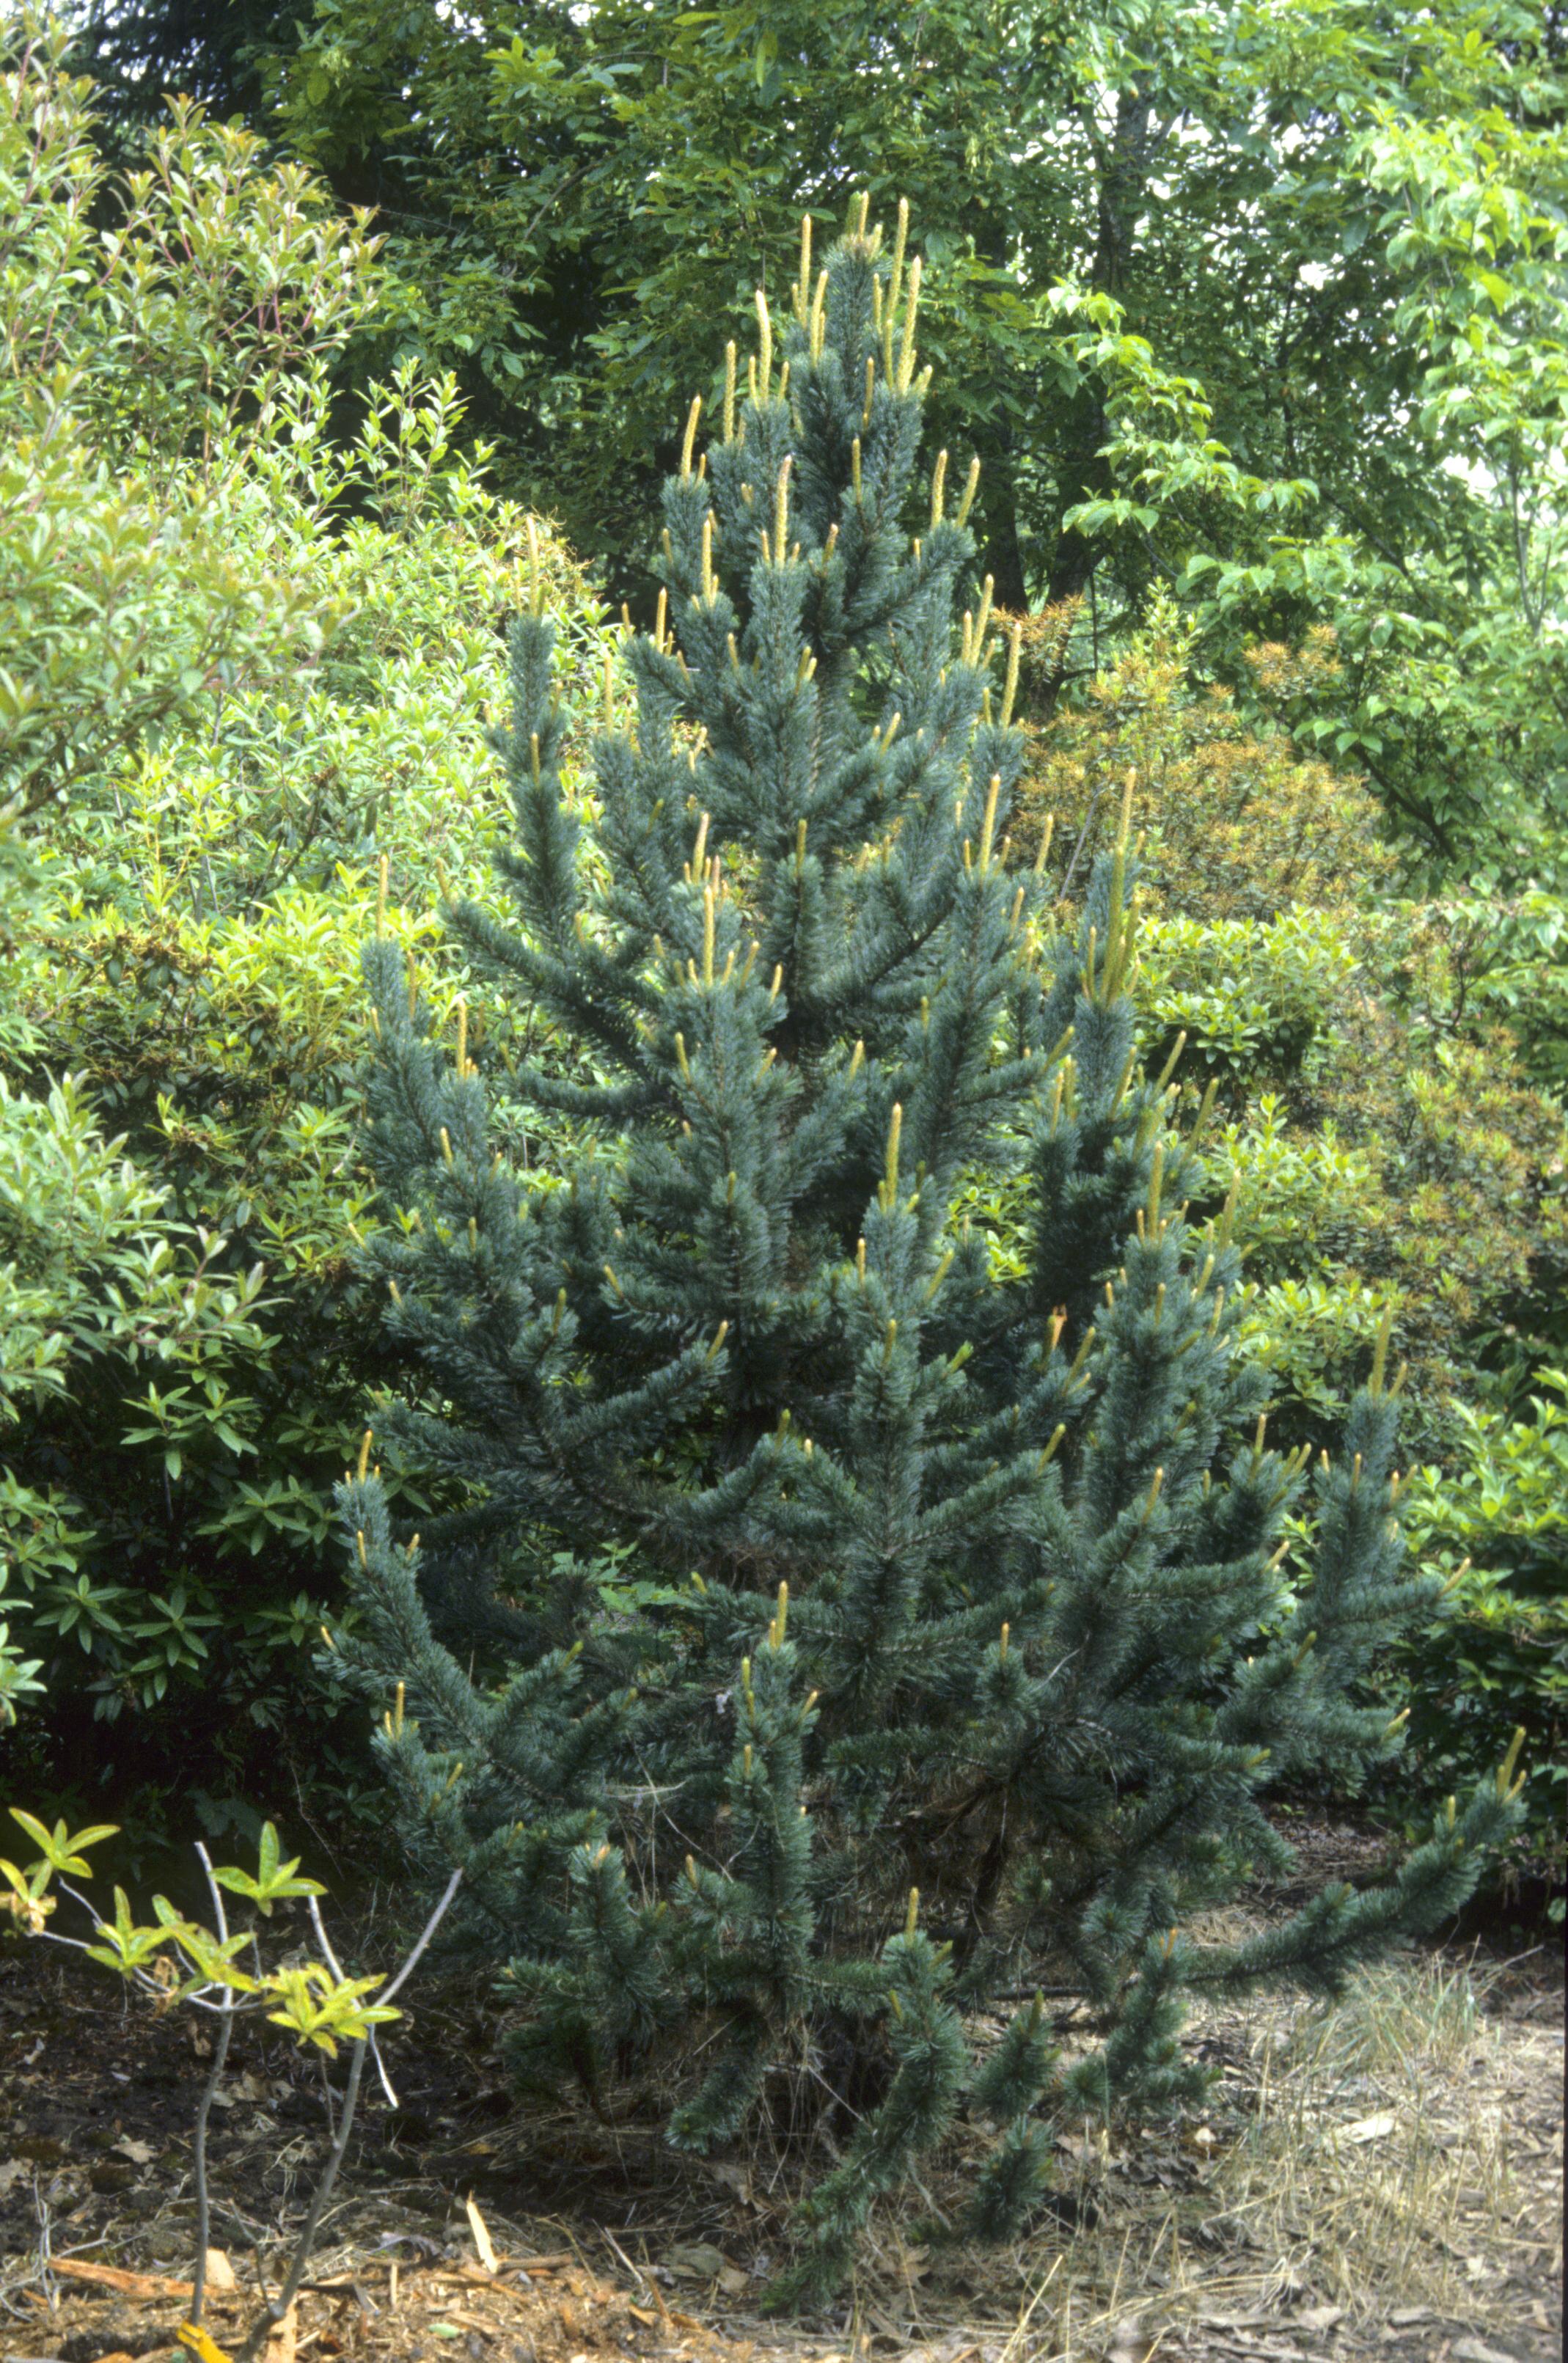 Photo 24108 Pinus Aristata Plant Lust